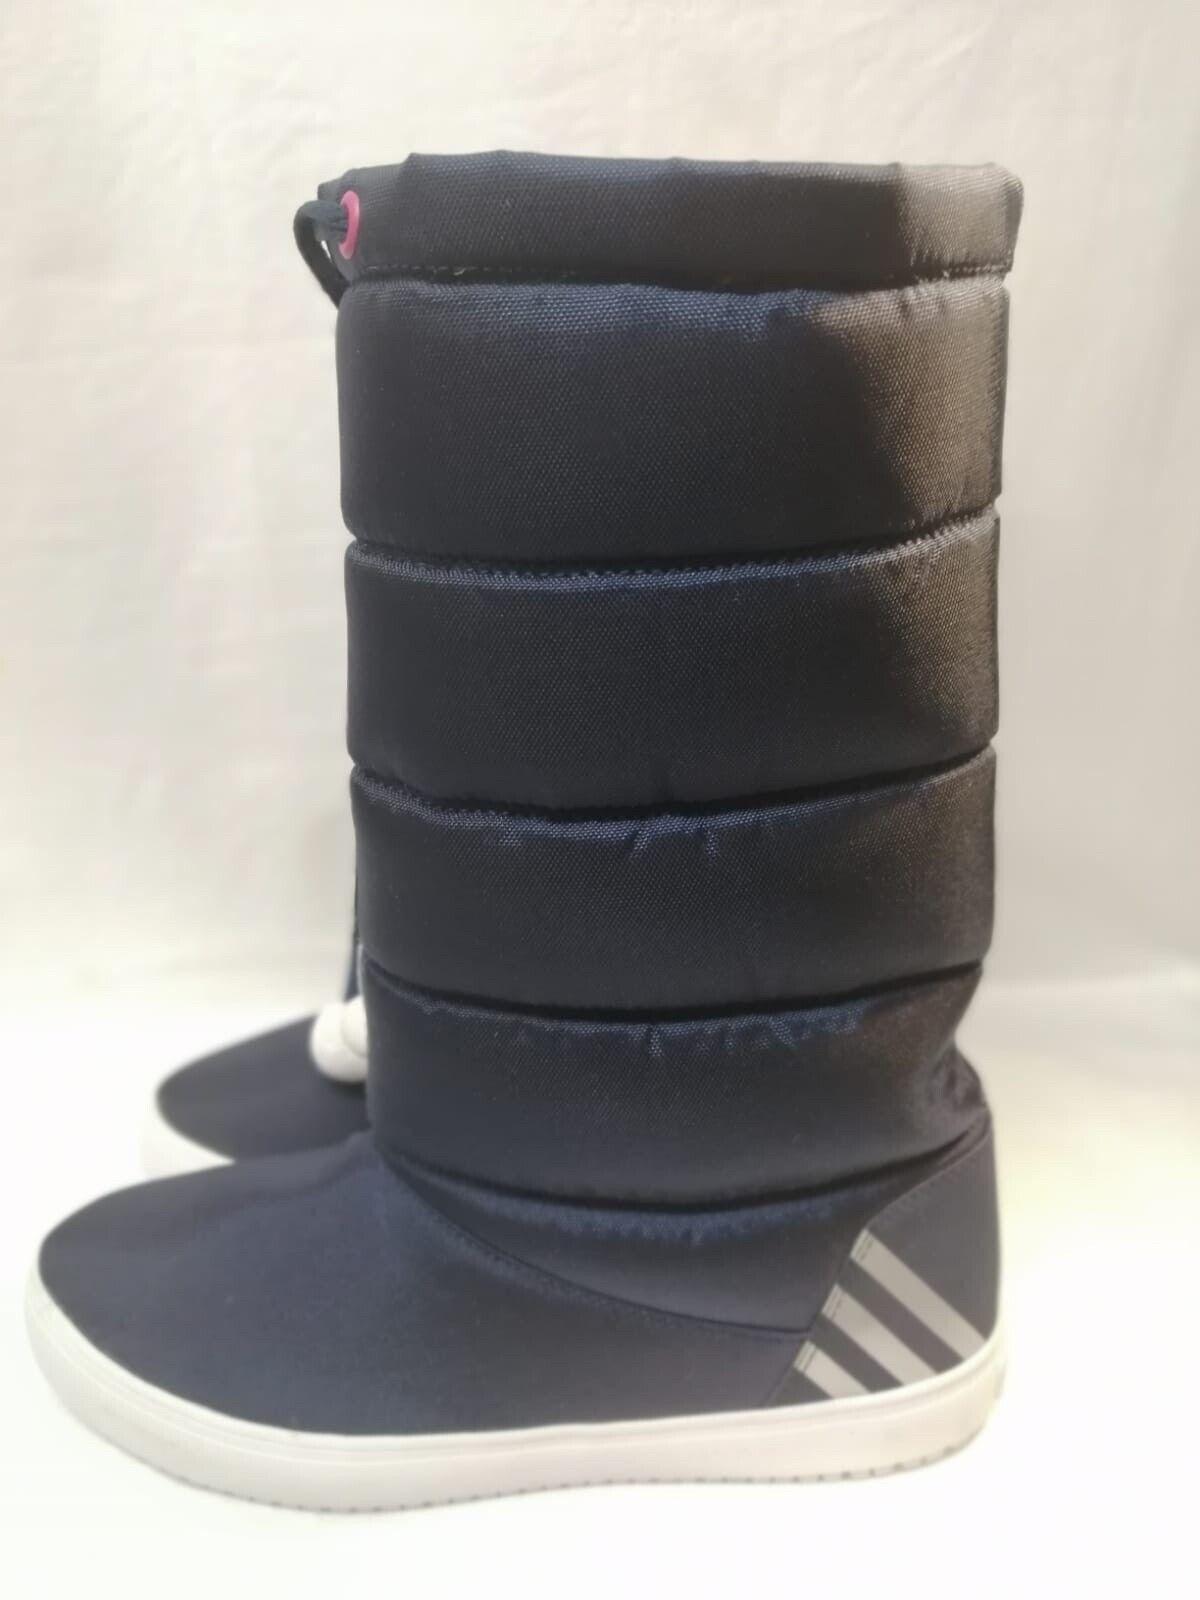 Adidas Seneo Flocon De Neige Bottes Tailles UK 6 Euro 39 Marine Foncé Rose Fleec Doublé Q26409